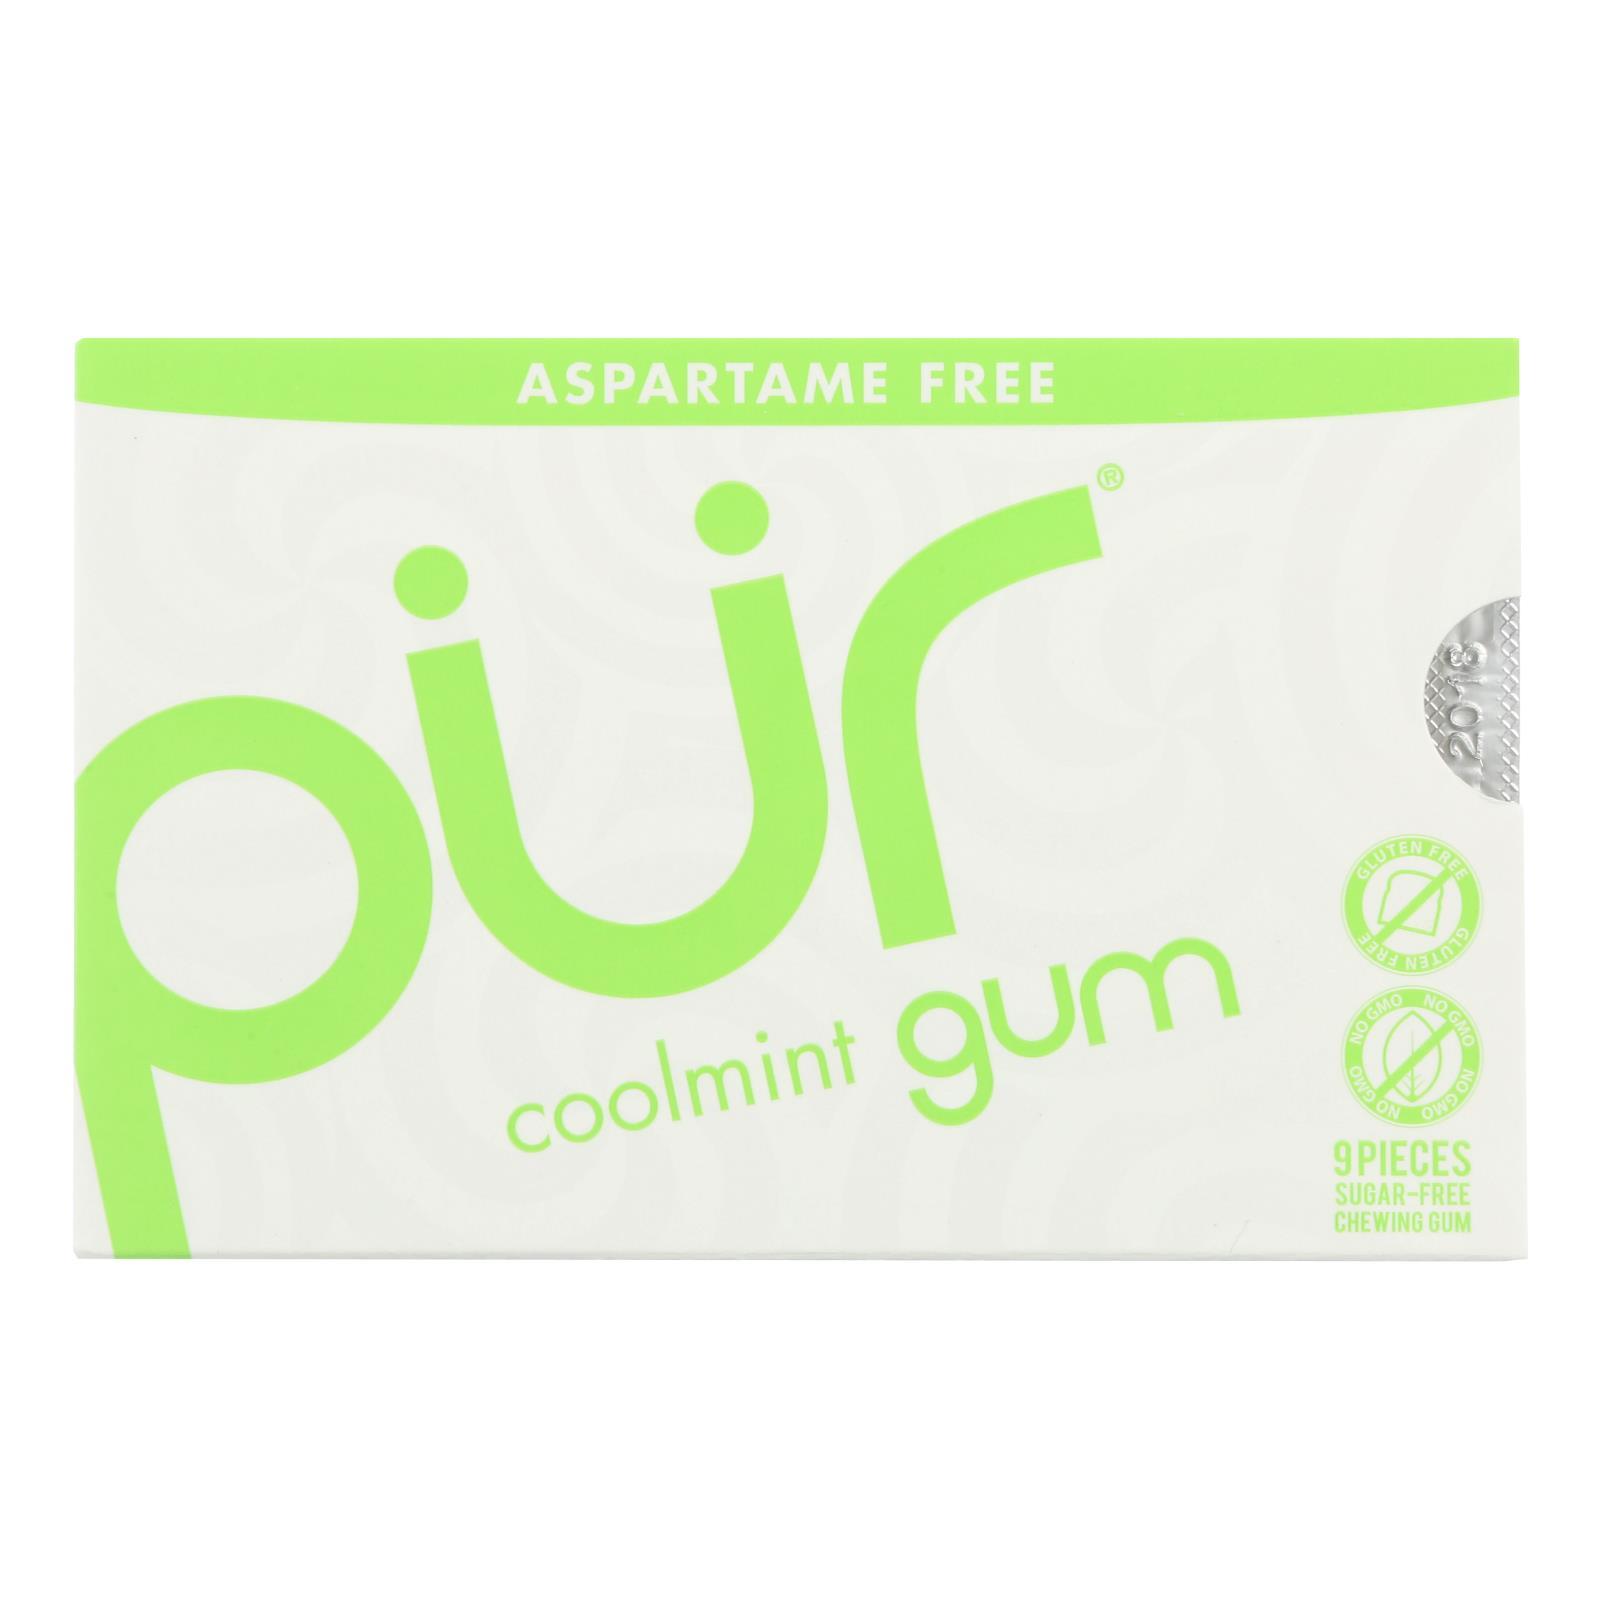 Pur Gum - Coolmint - Aspartame Free - 9 Pieces - 12.6 g - Case of 12